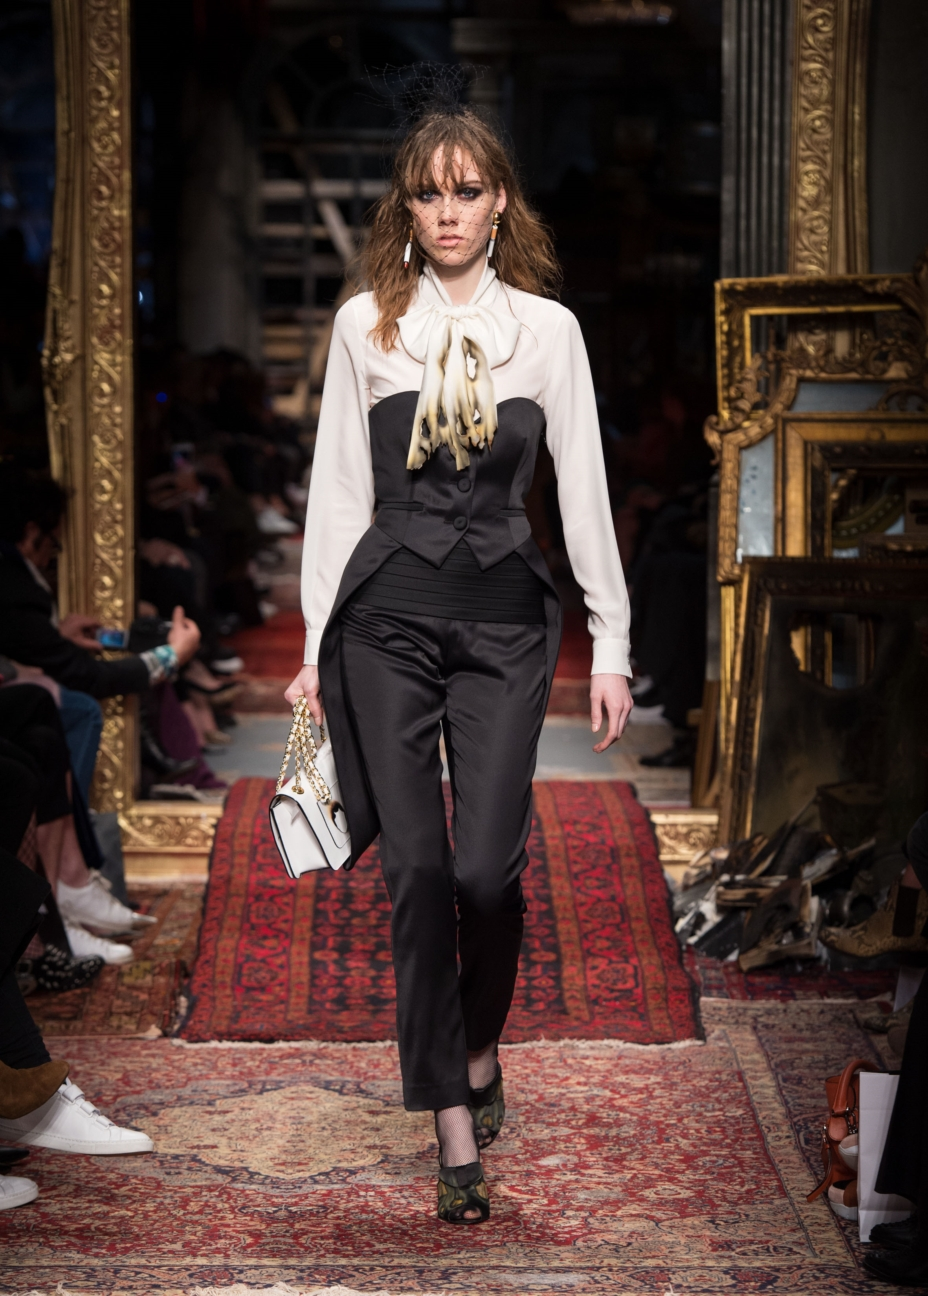 moschino-milan-fashion-week-aw-16-41